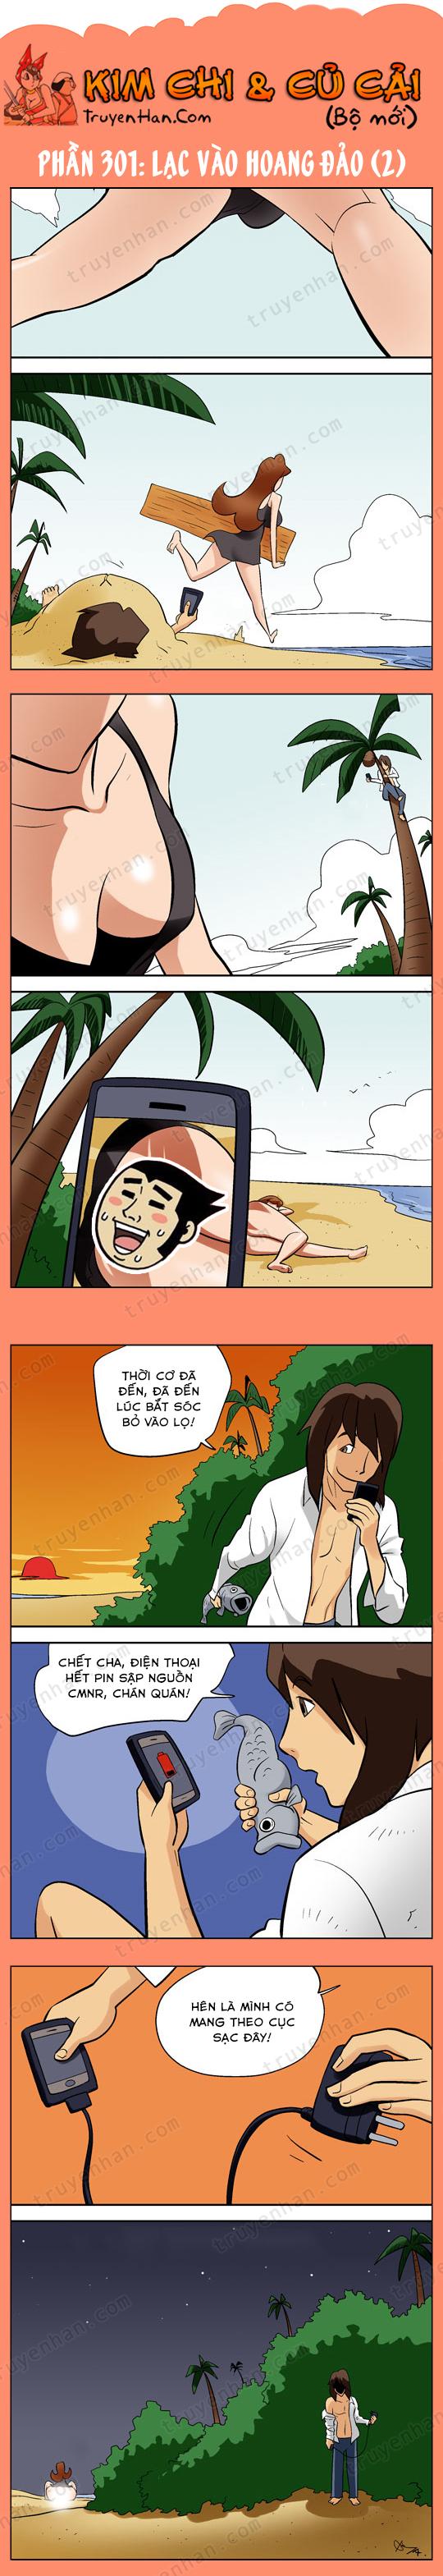 Kim Chi & Củ Cải (bộ mới) phần 301: Lạc vào hoang đảo (2)